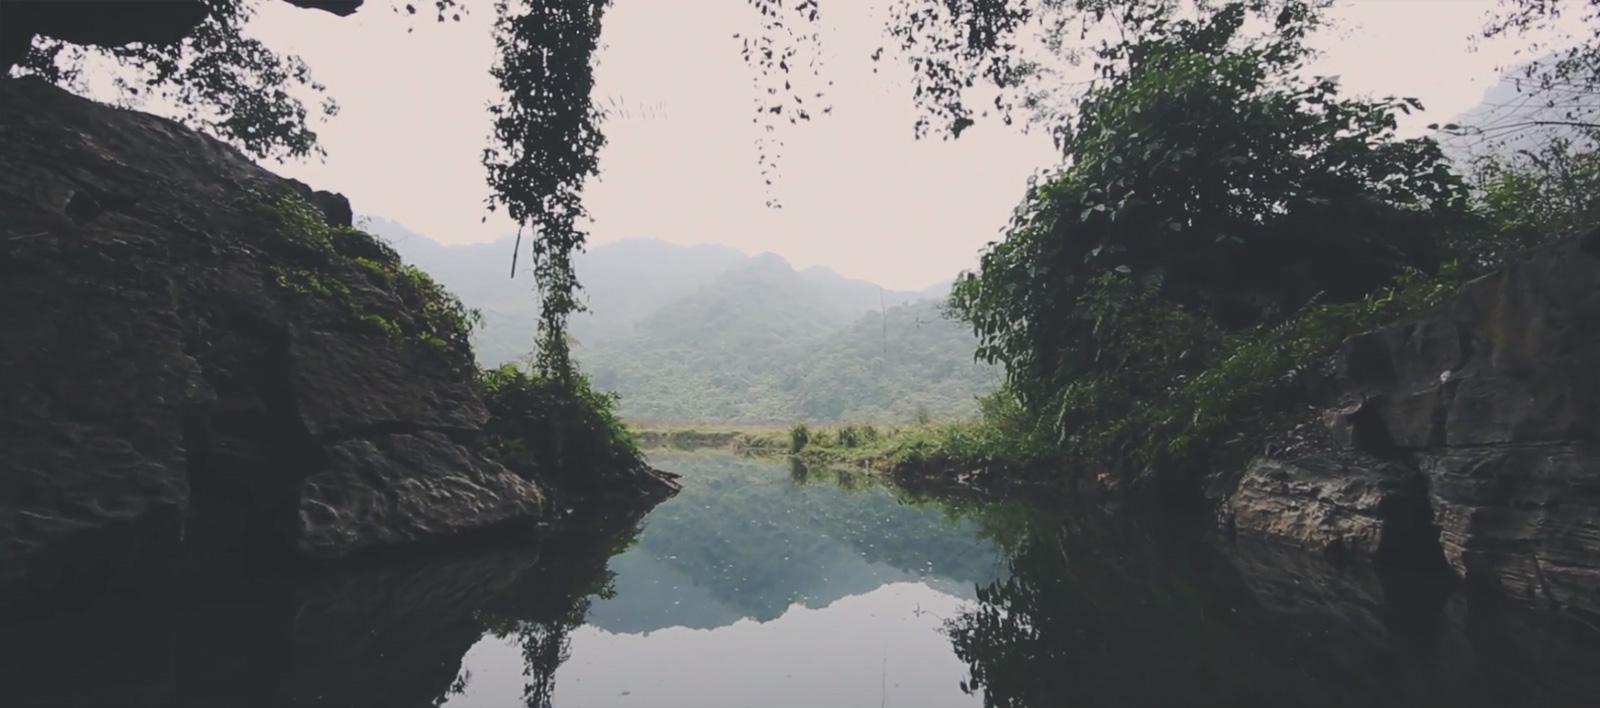 Somewhere_In_Vietnam-Menassier_gabriel-3